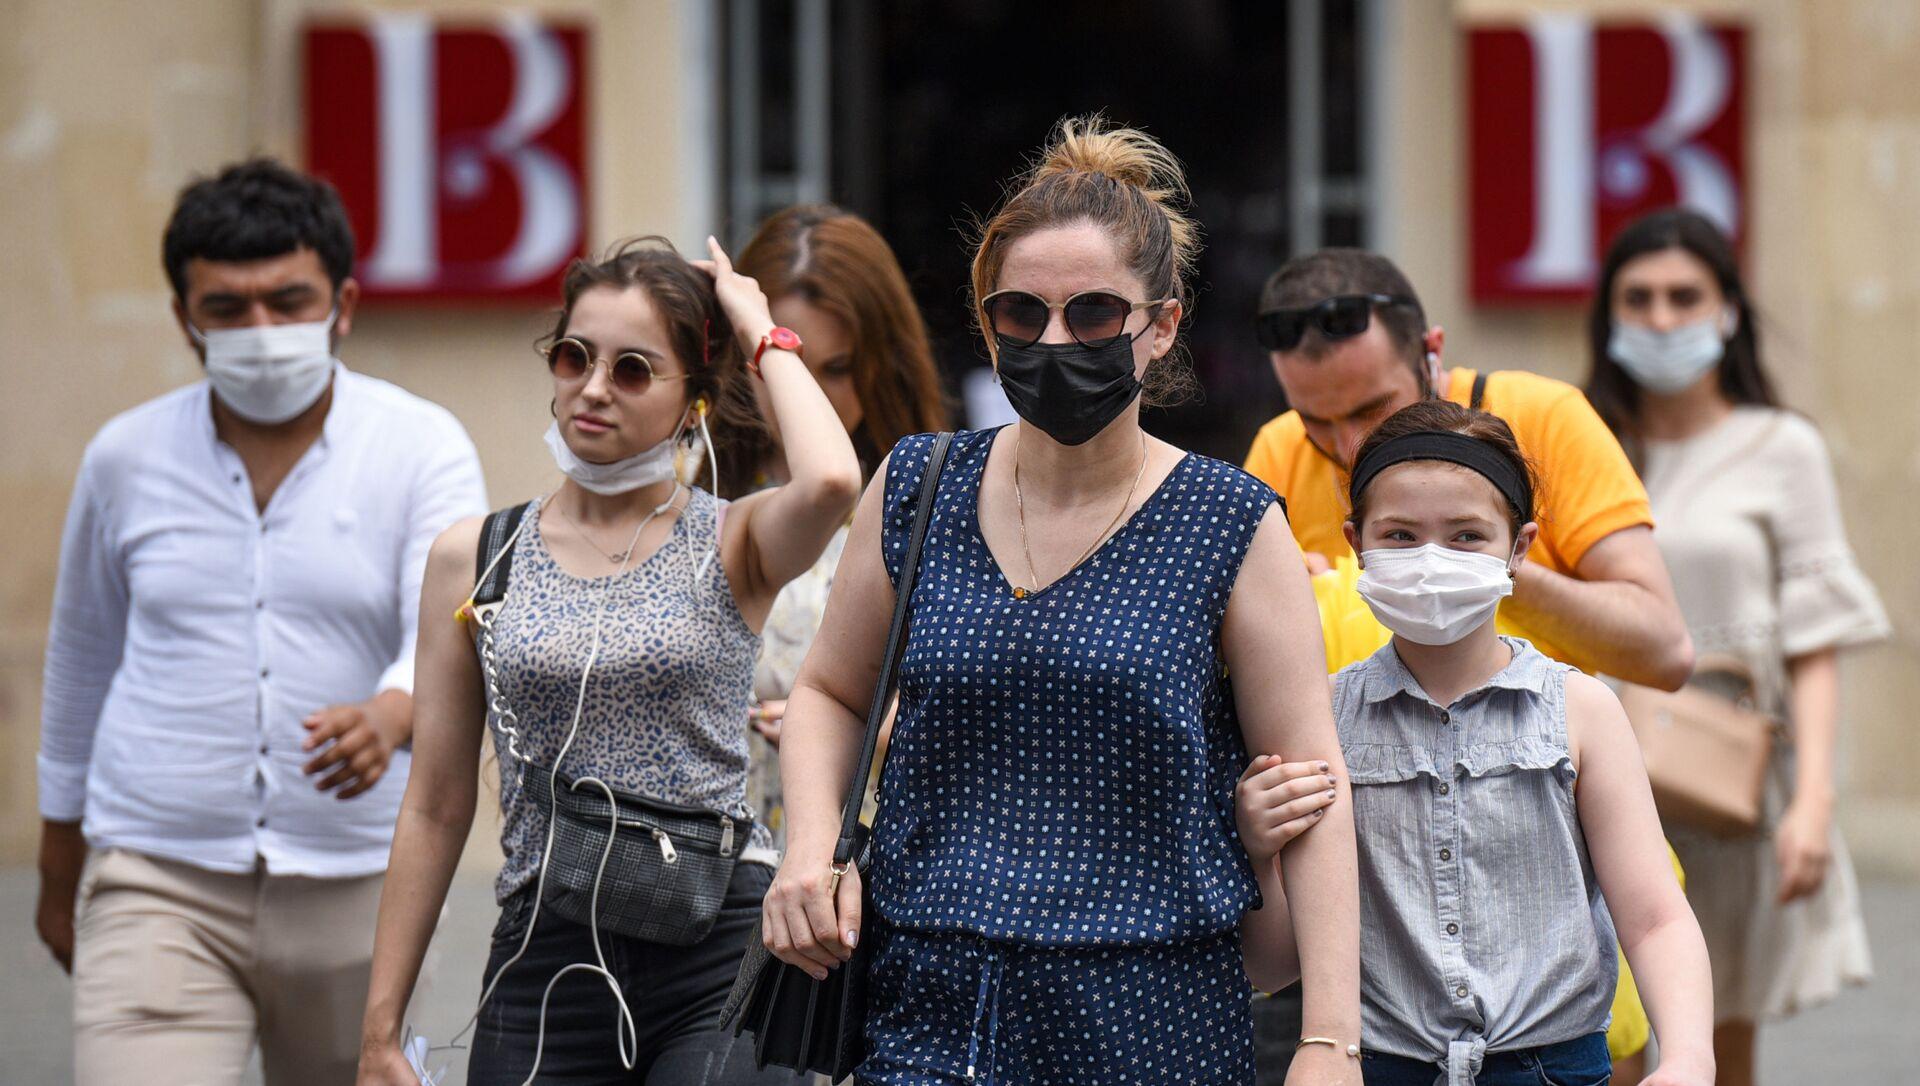 Люди в медицинских масках на улице в Баку во время особого карантинного режима - Sputnik Азербайджан, 1920, 20.08.2021